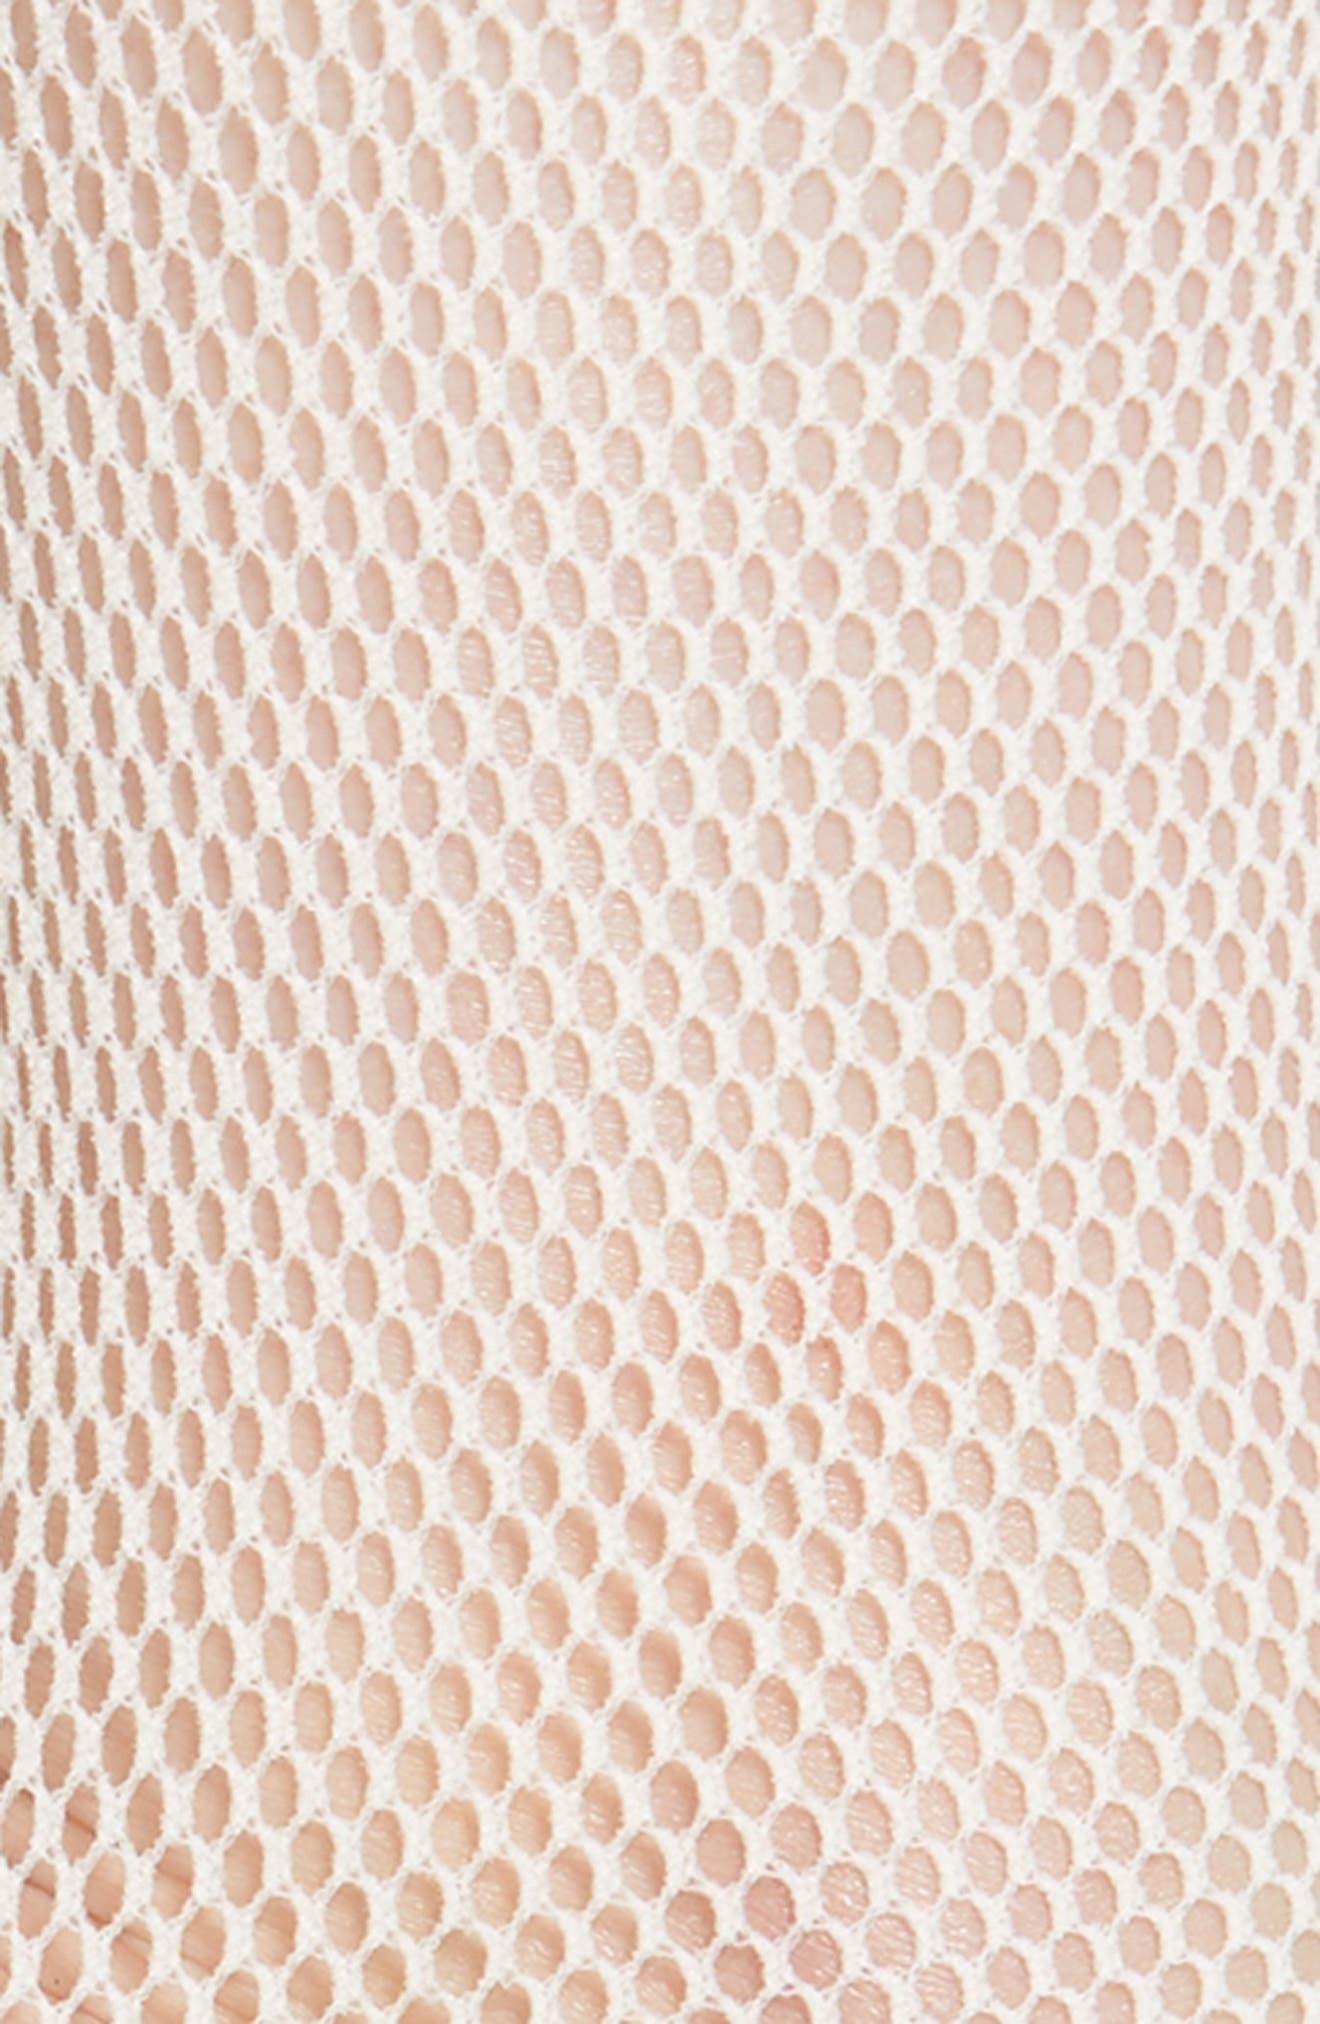 Fishnet Ankle Socks,                             Alternate thumbnail 3, color,                             WHITE